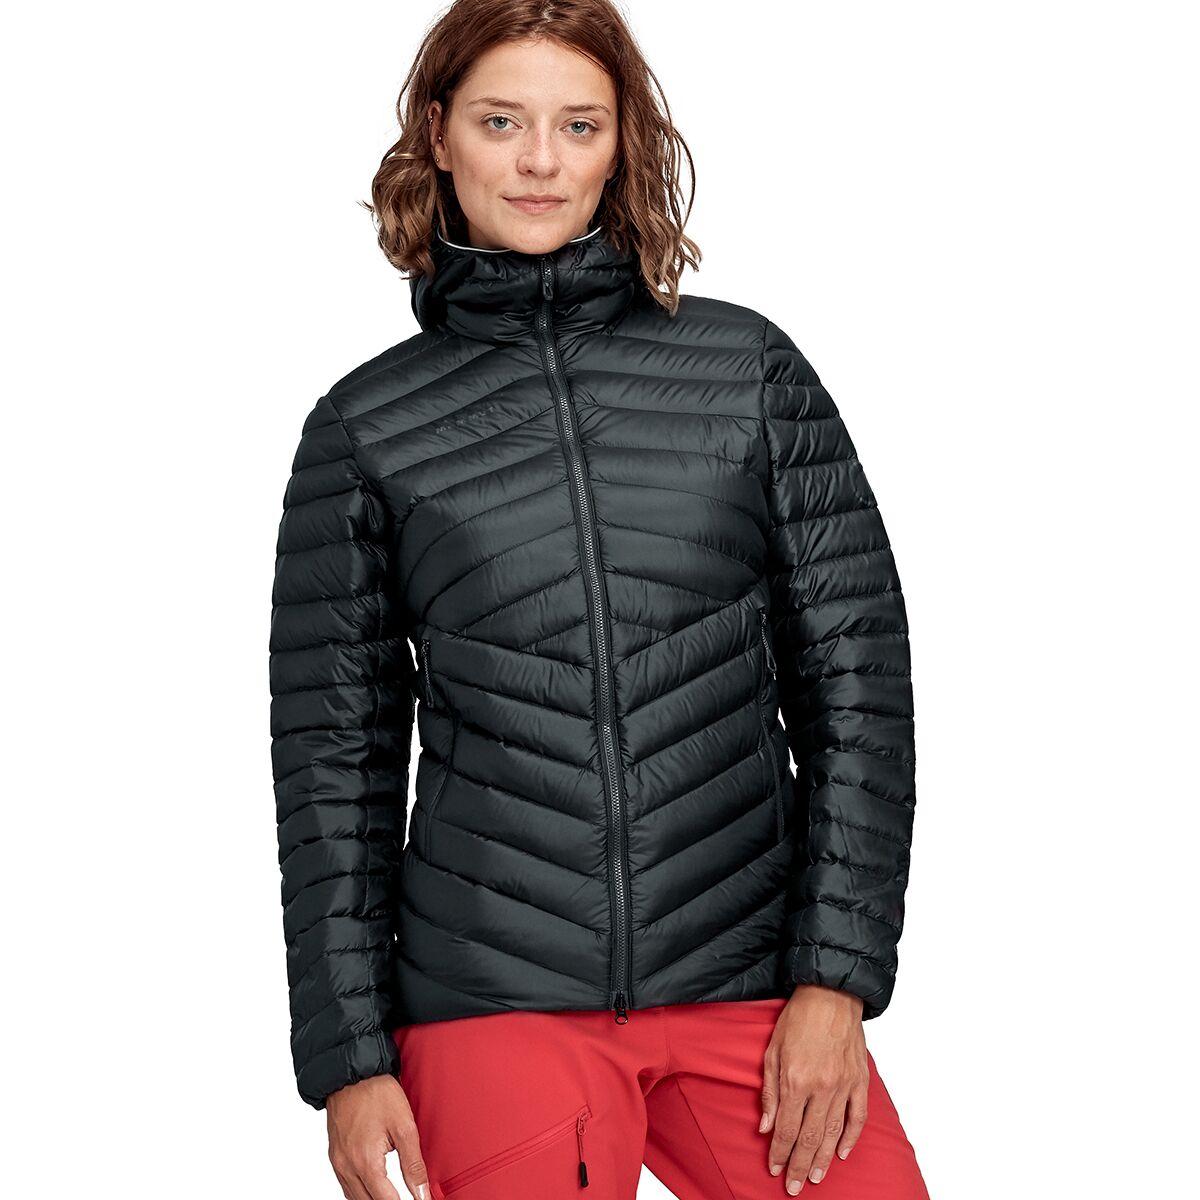 Broad Peak IN Hooded Jacket - Women